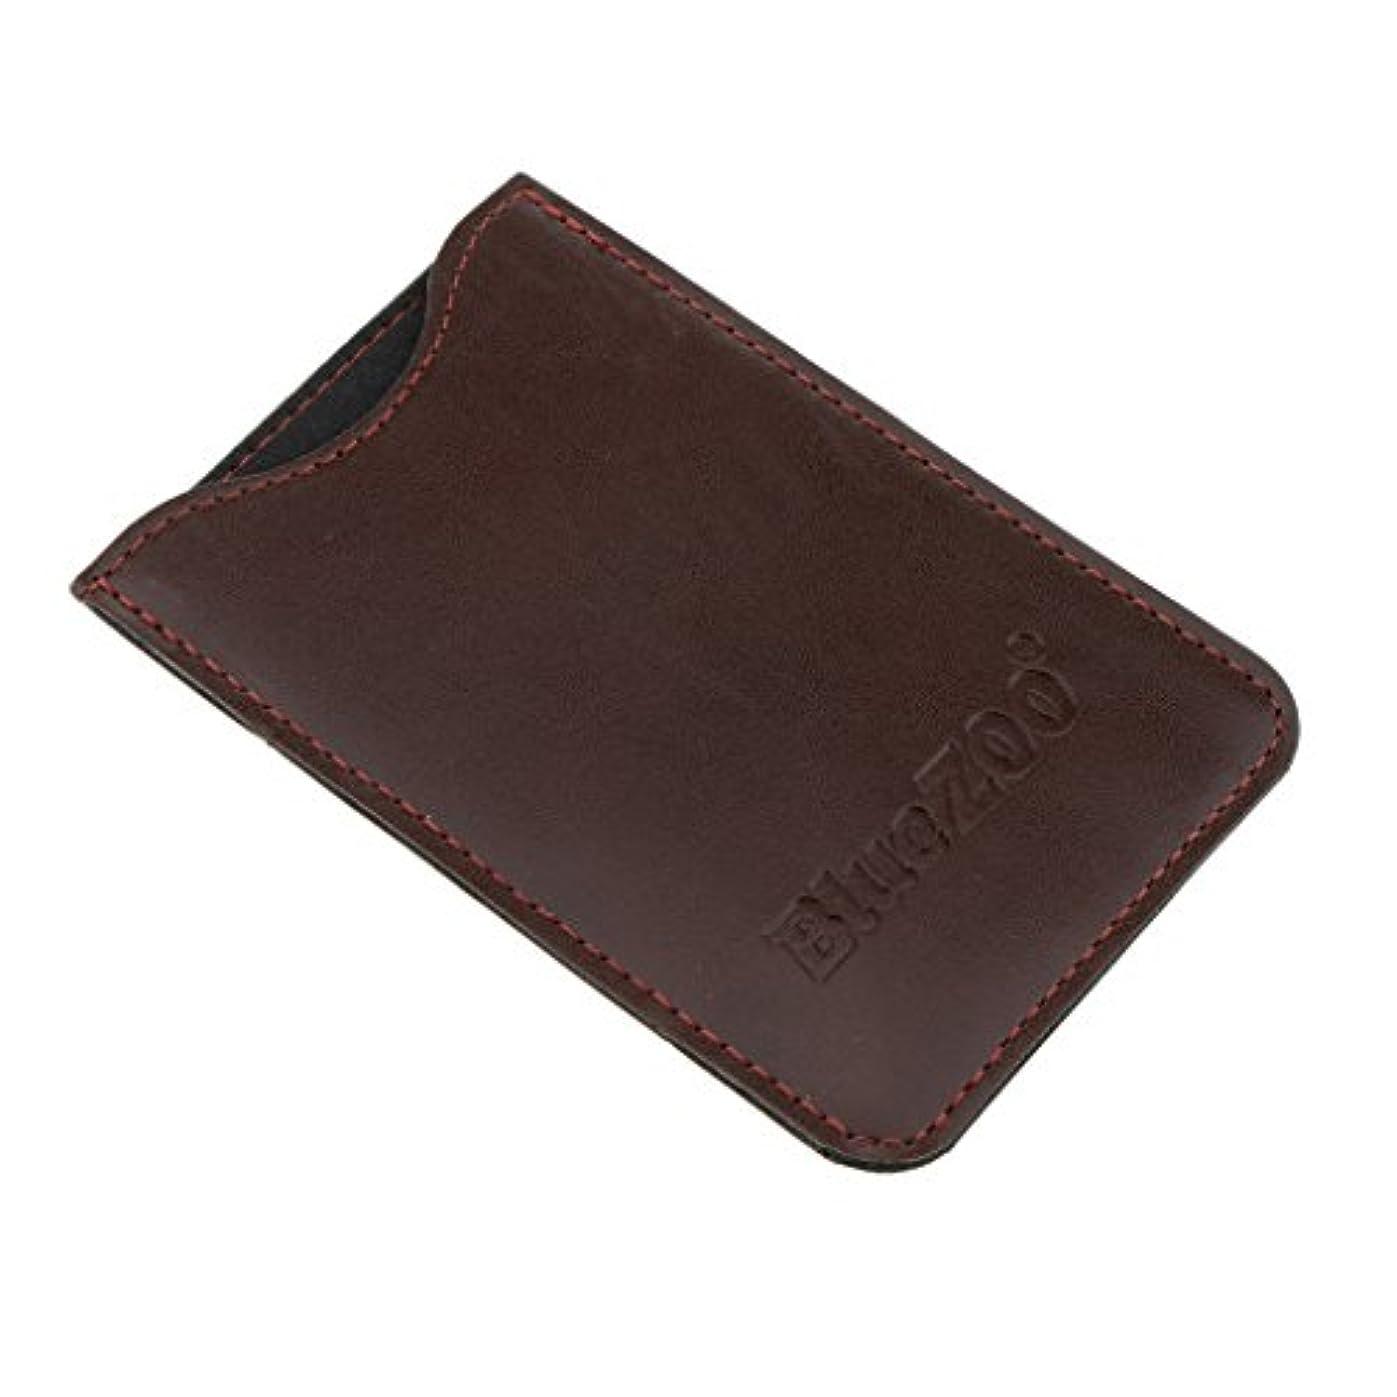 肉腫パイプ郊外Homyl 収納パック 収納ケース 保護カバー 櫛/名刺/IDカード/銀行カード 多機能 高品質 全2色  - 褐色